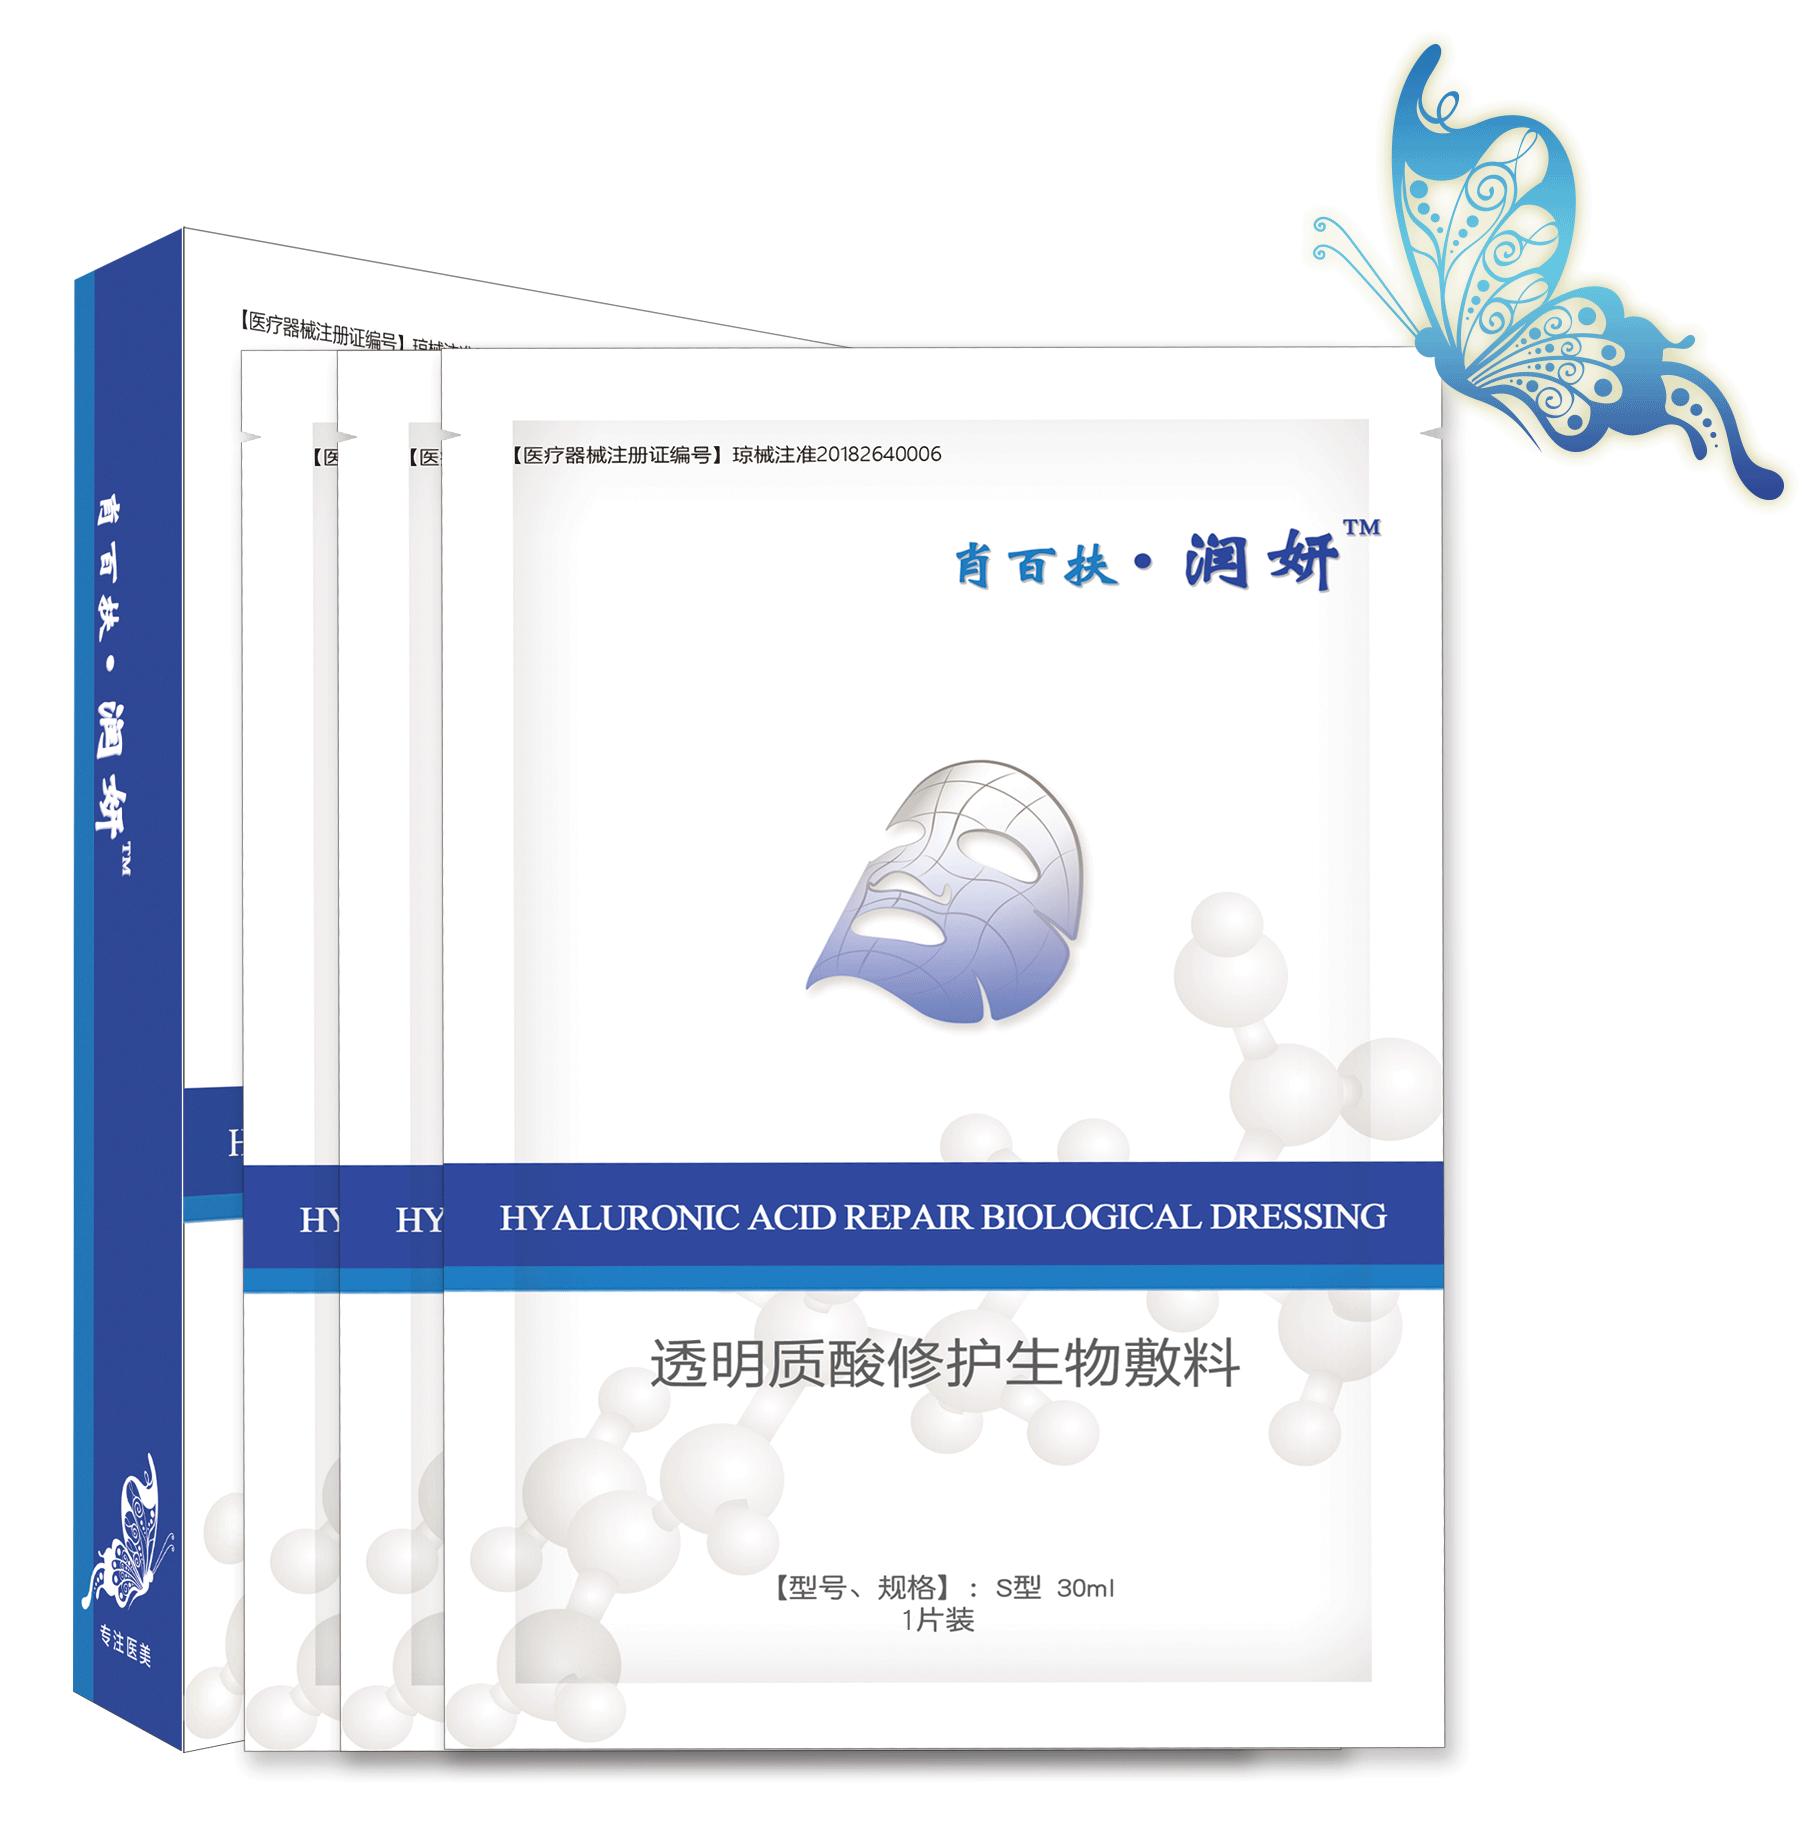 肖百扶·潤妍透明質酸修護生物敷料